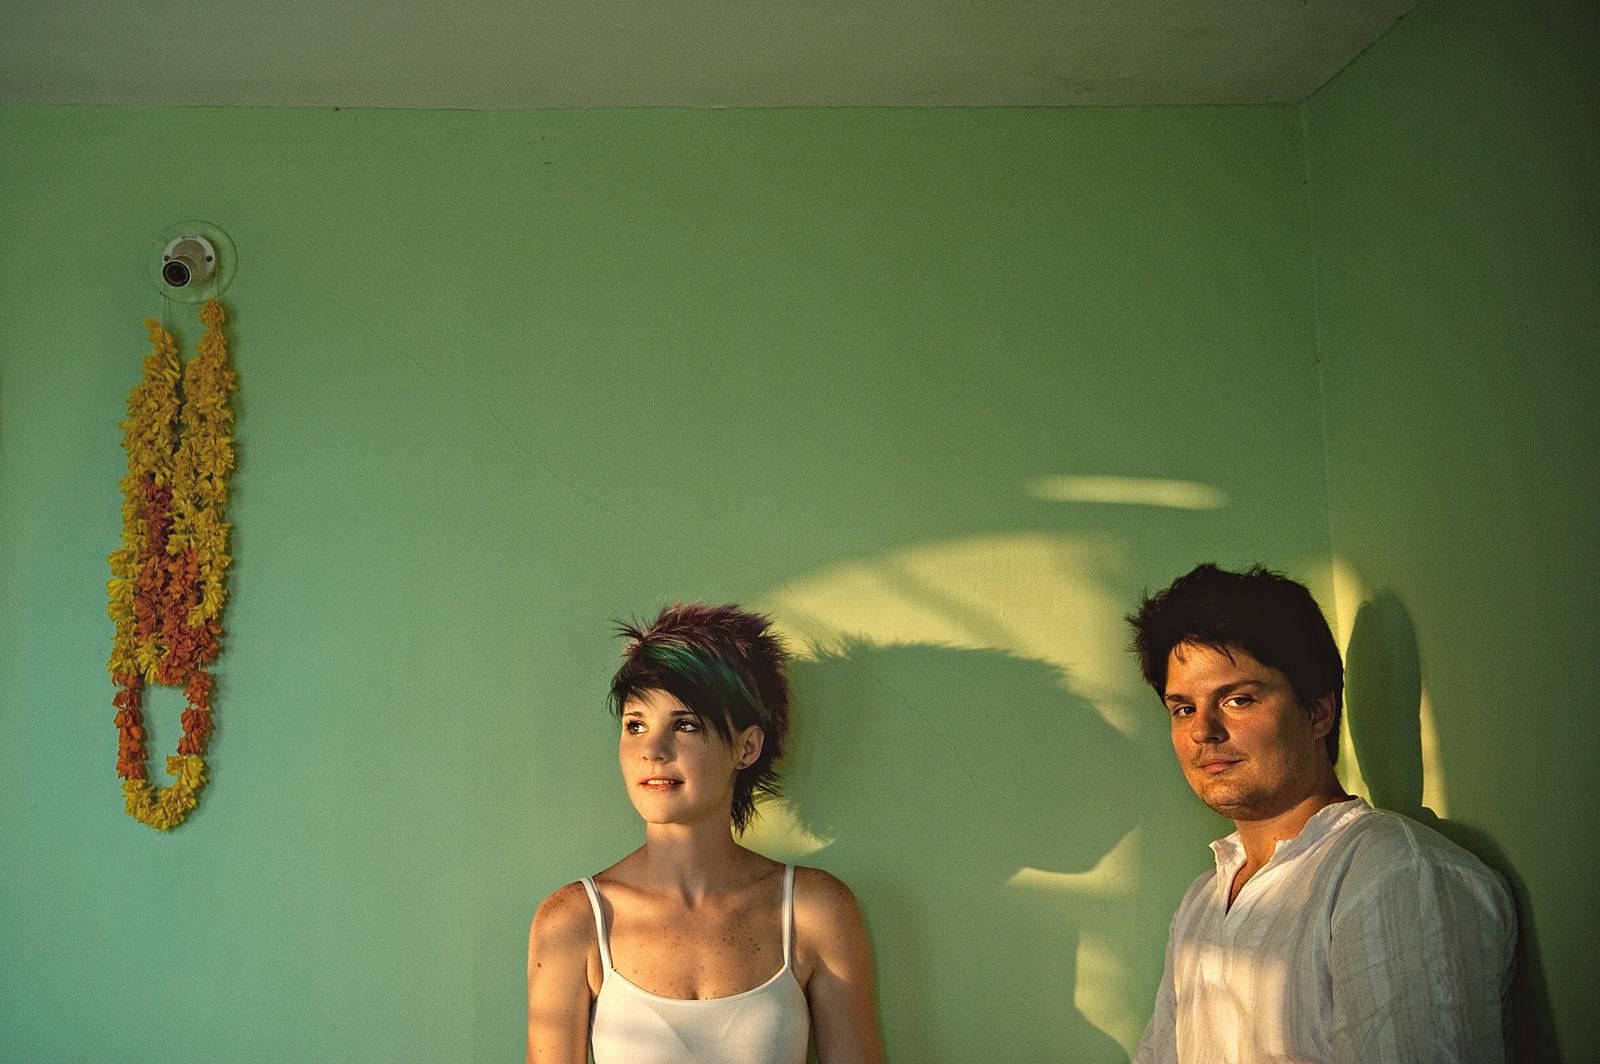 Engagement-Shoot-Goa-India-Wedding-Photographer-Jacki-Bruniquel-01